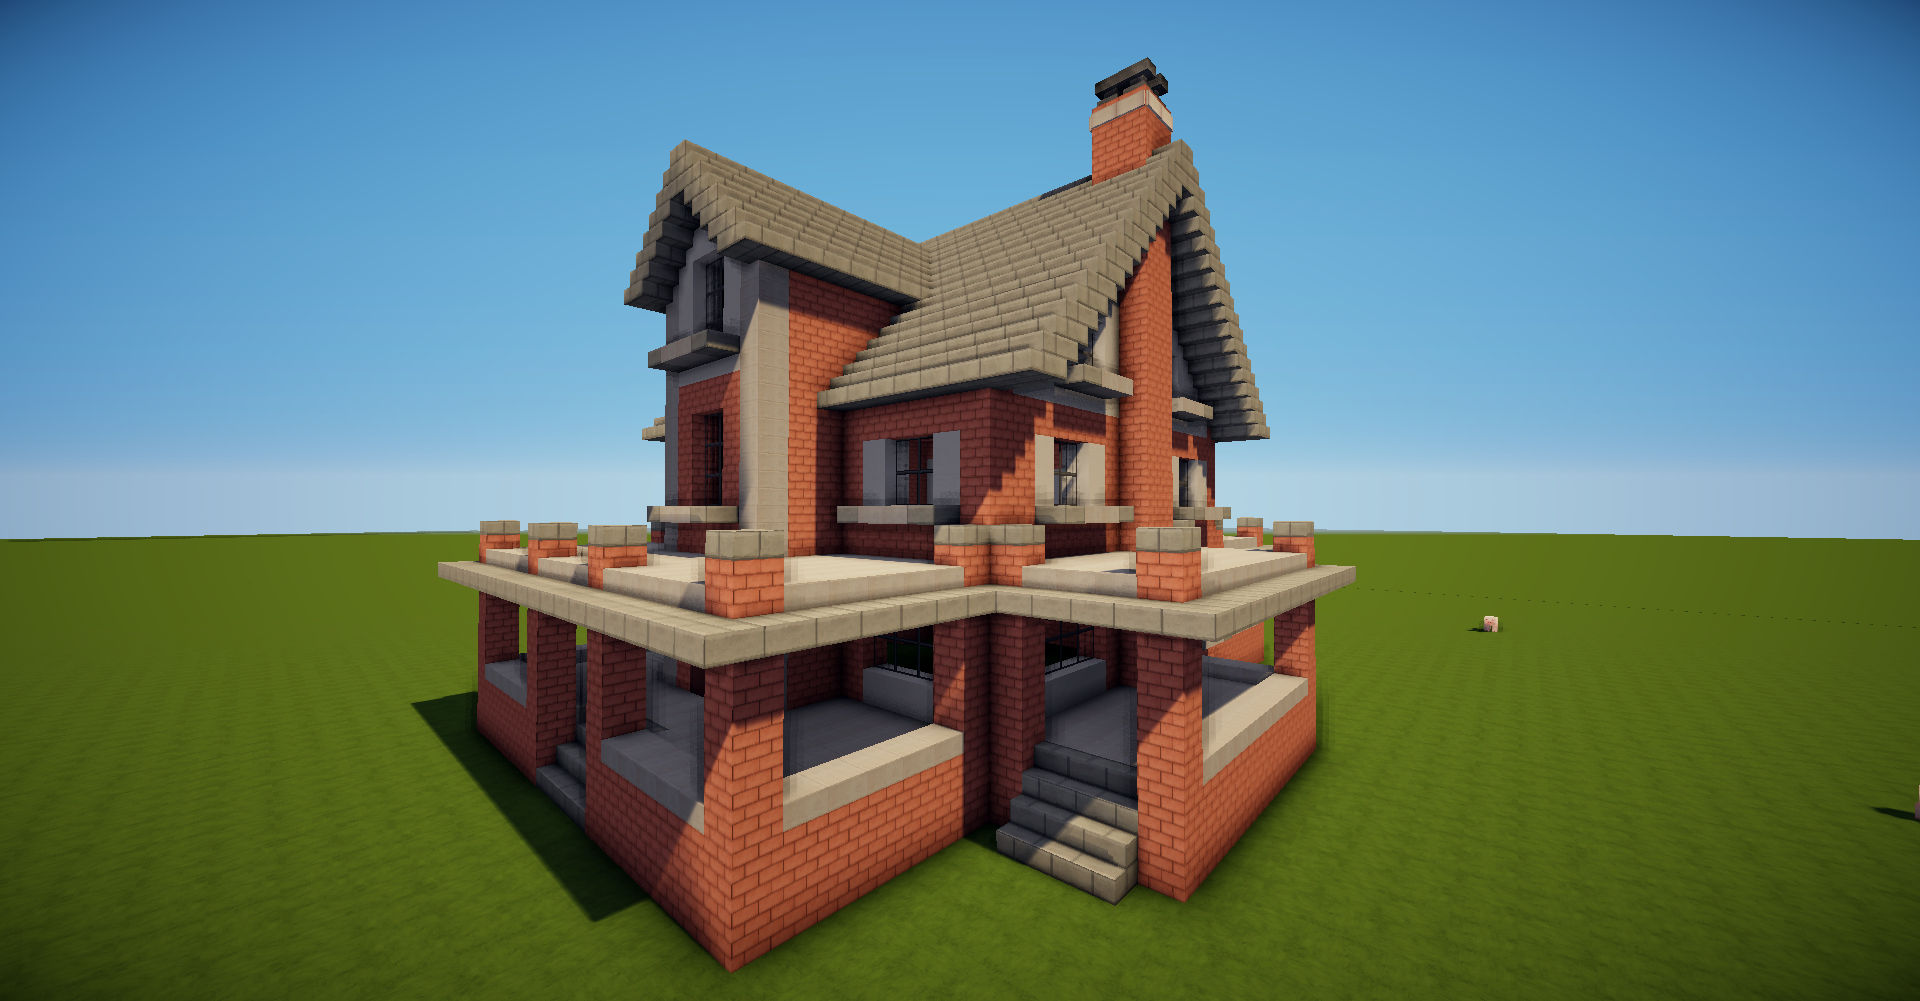 Bald Kommt Ein Neues Tutorial D Minecraft Haus Tutorial Bauen - Minecraft hauser bauplan